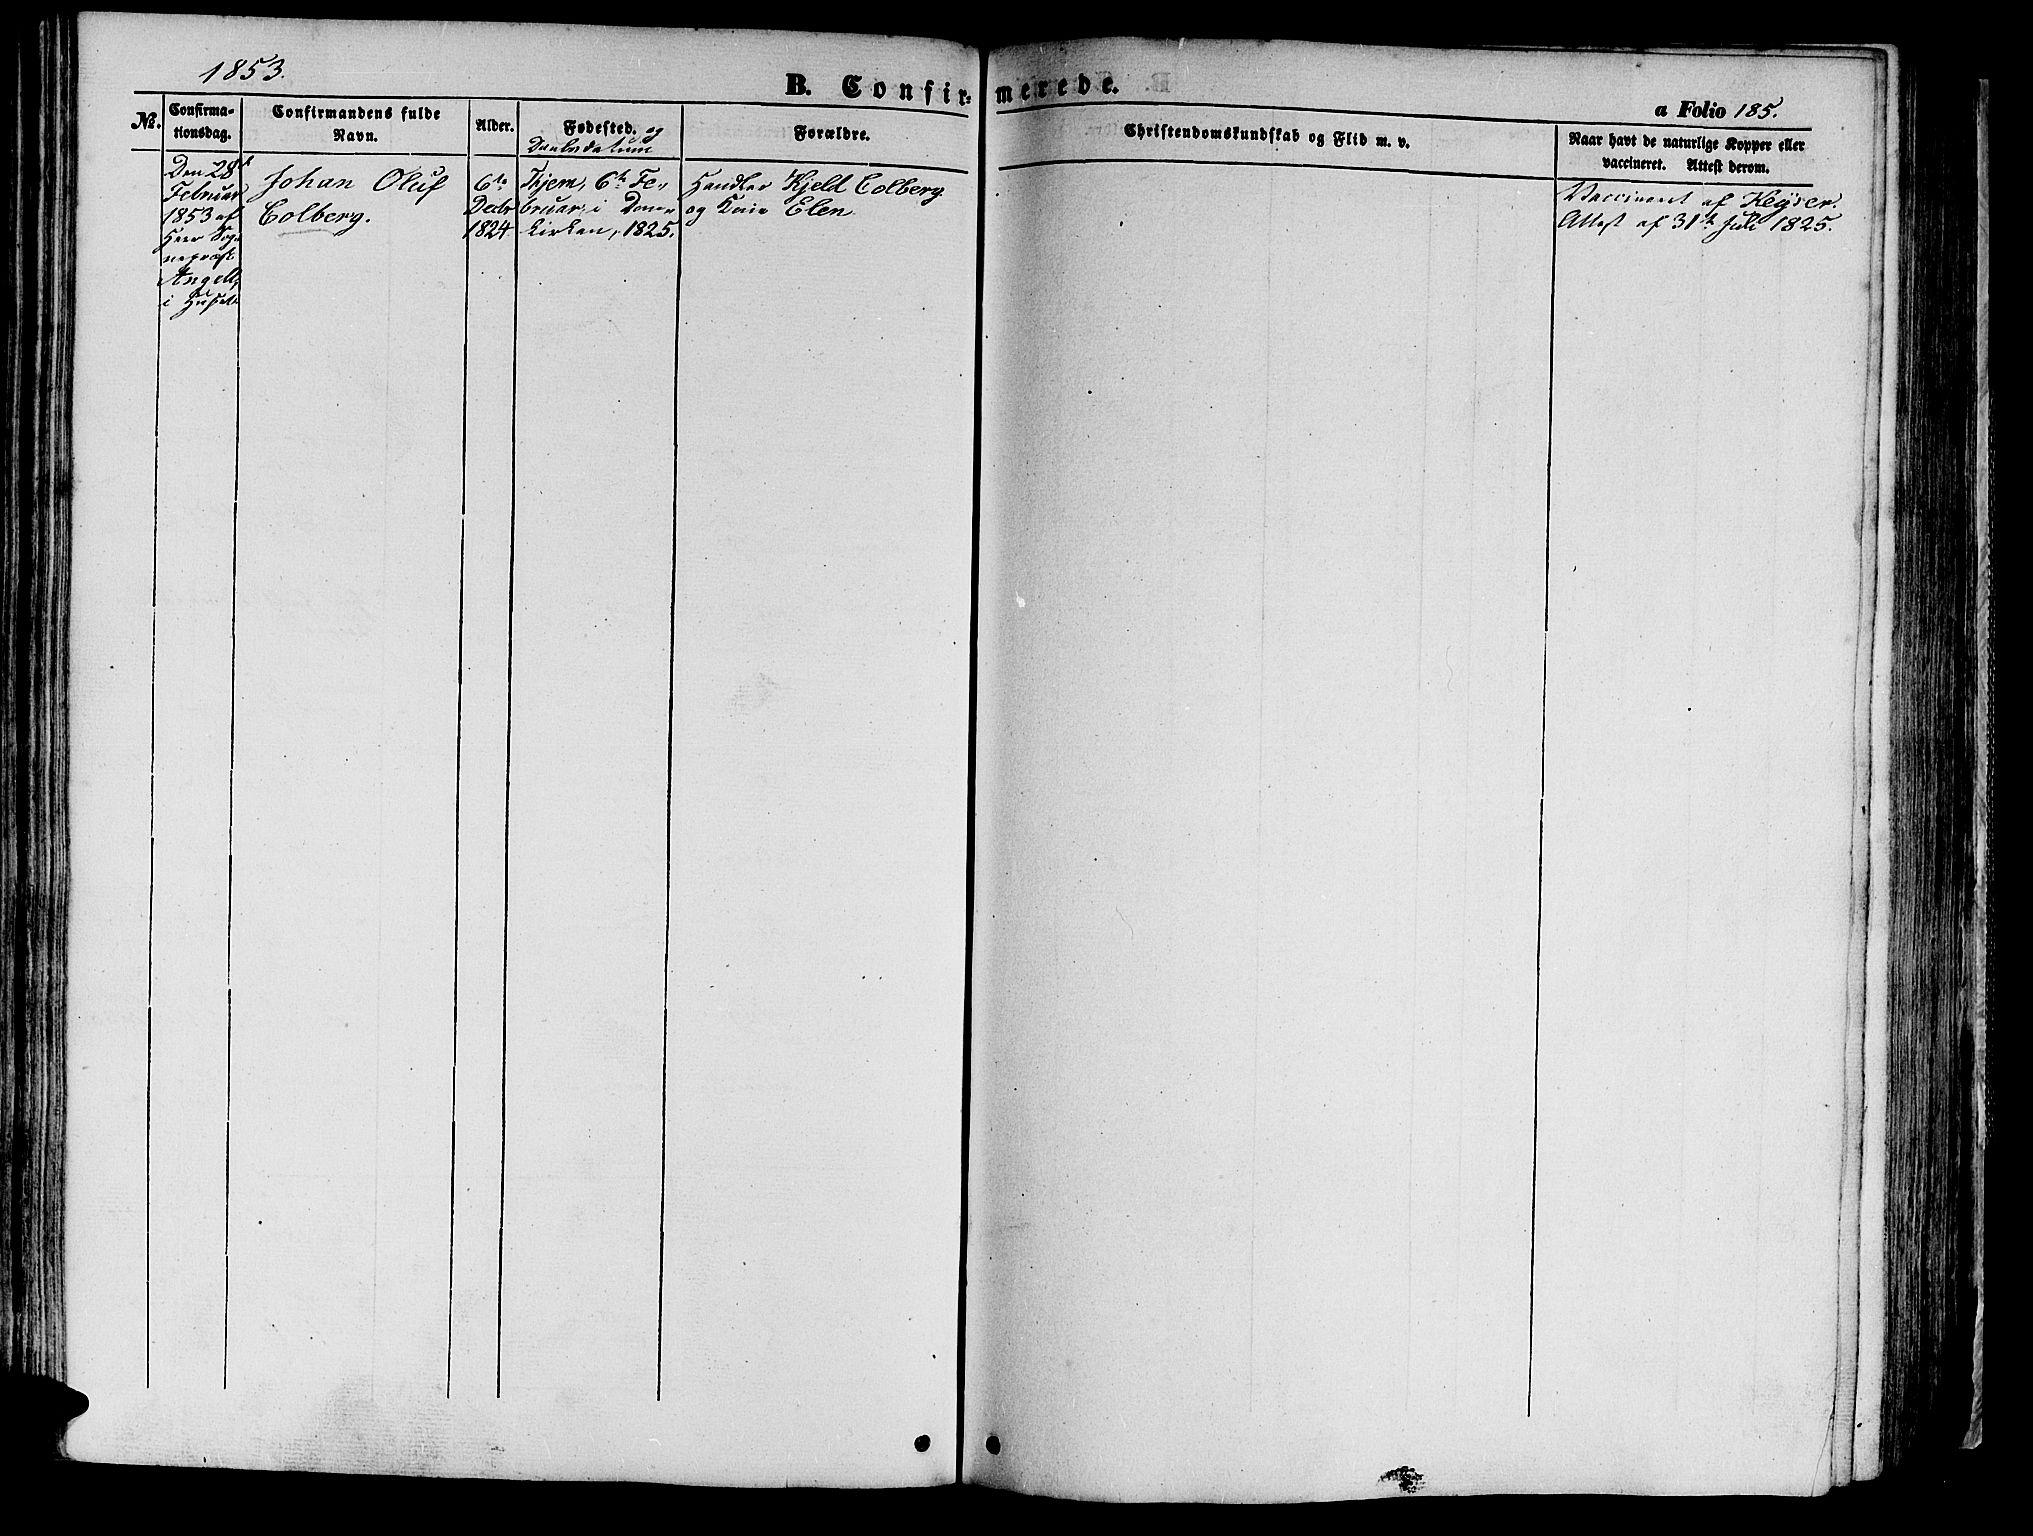 SAT, Ministerialprotokoller, klokkerbøker og fødselsregistre - Sør-Trøndelag, 602/L0137: Klokkerbok nr. 602C05, 1846-1856, s. 185